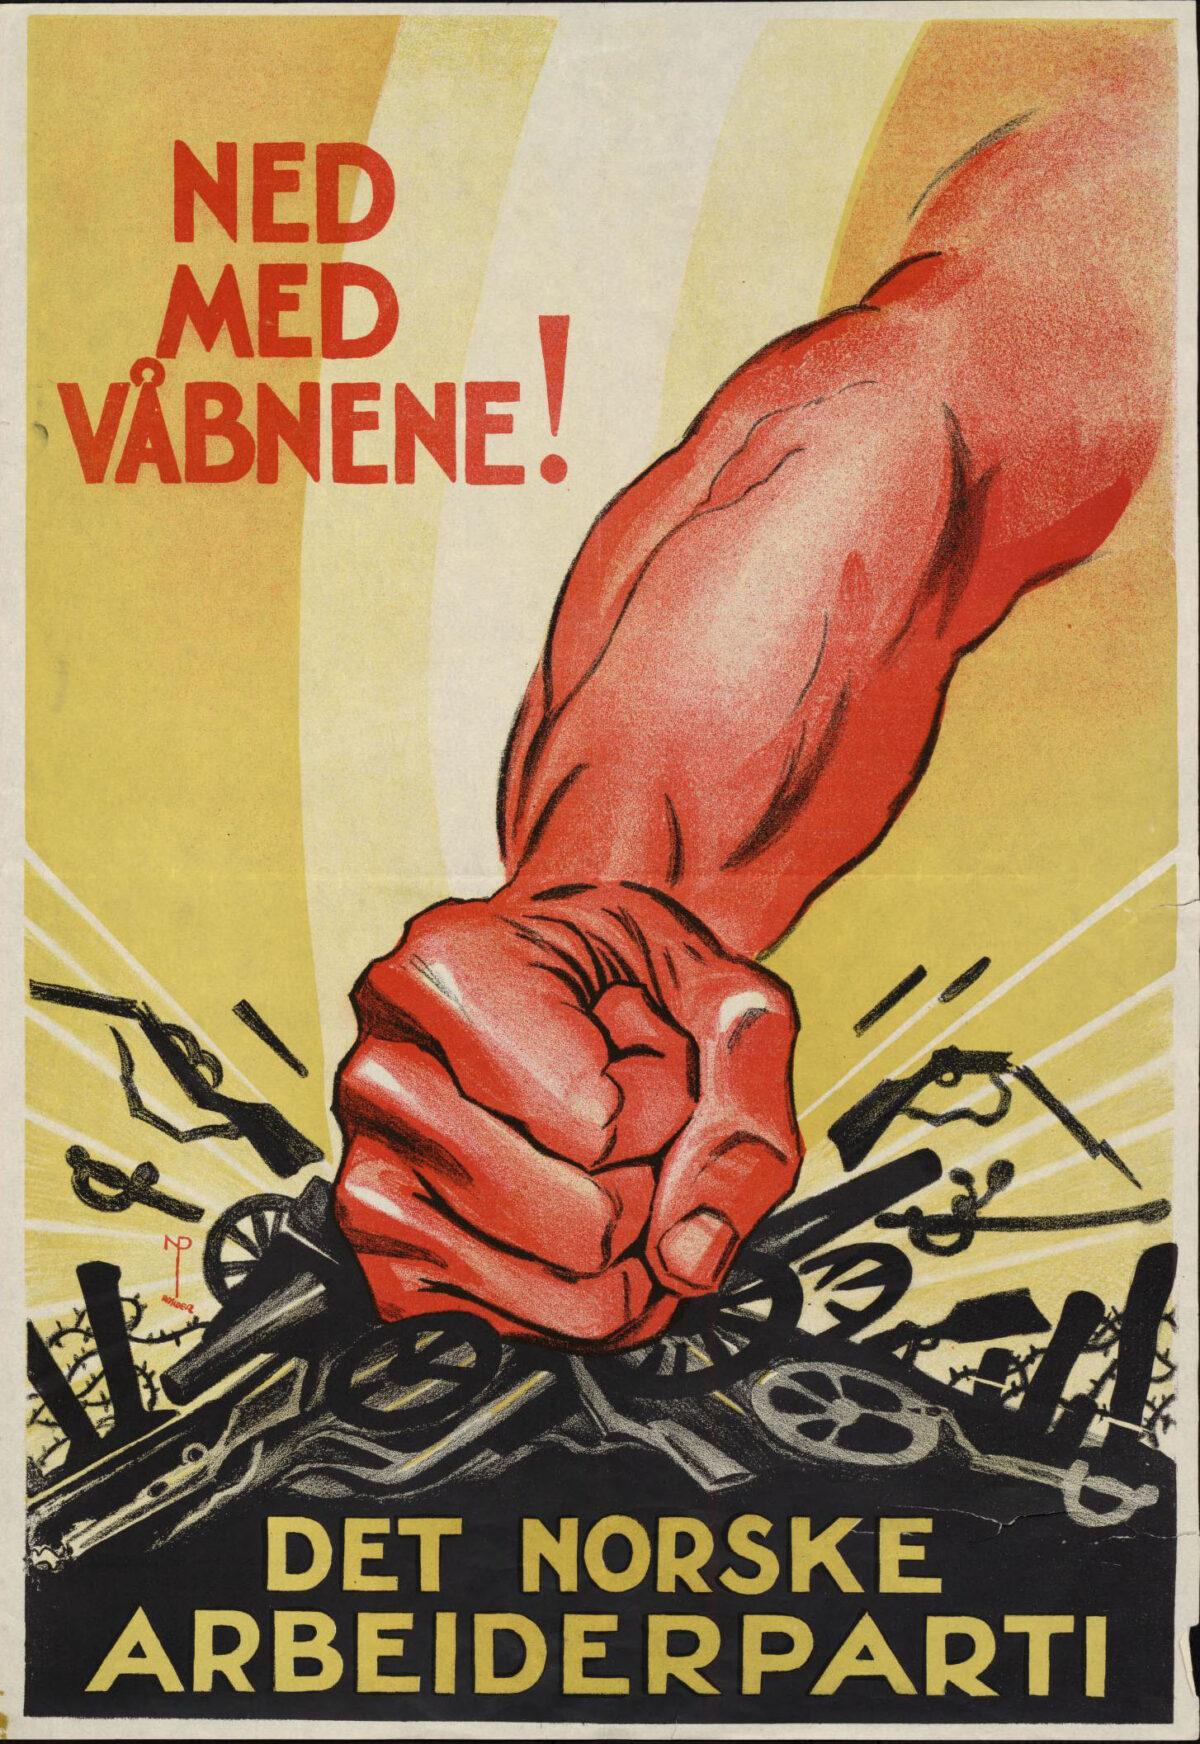 Plakat for Det norske arbeiderparti - Illustrasjon av knyttneve som knuser kanoner og gevær - Tekst: Ned med våbnene!